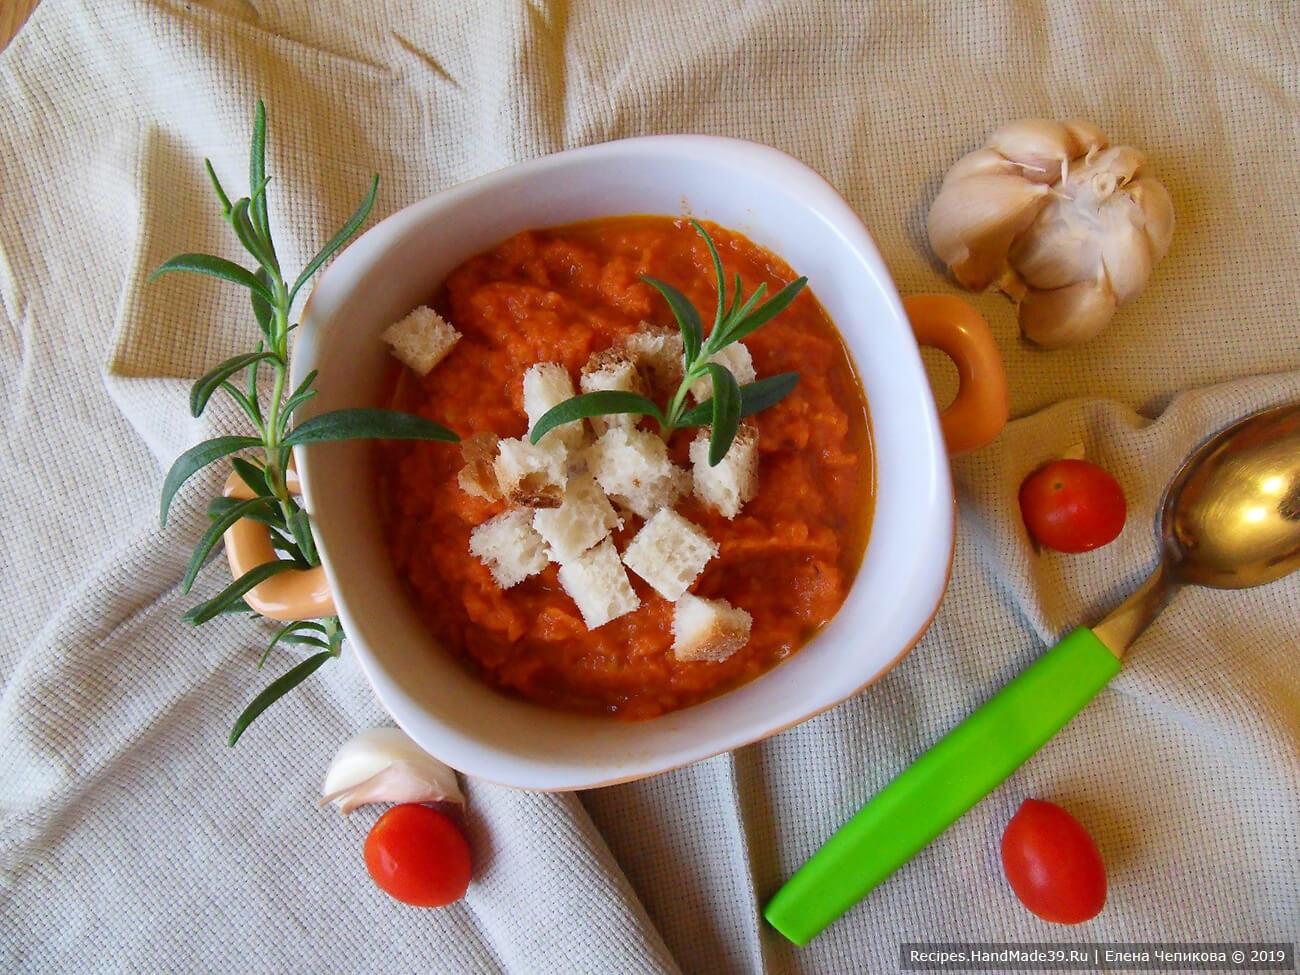 Томатный суп «Паппа аль помодоро» – пошаговый рецепт с фото